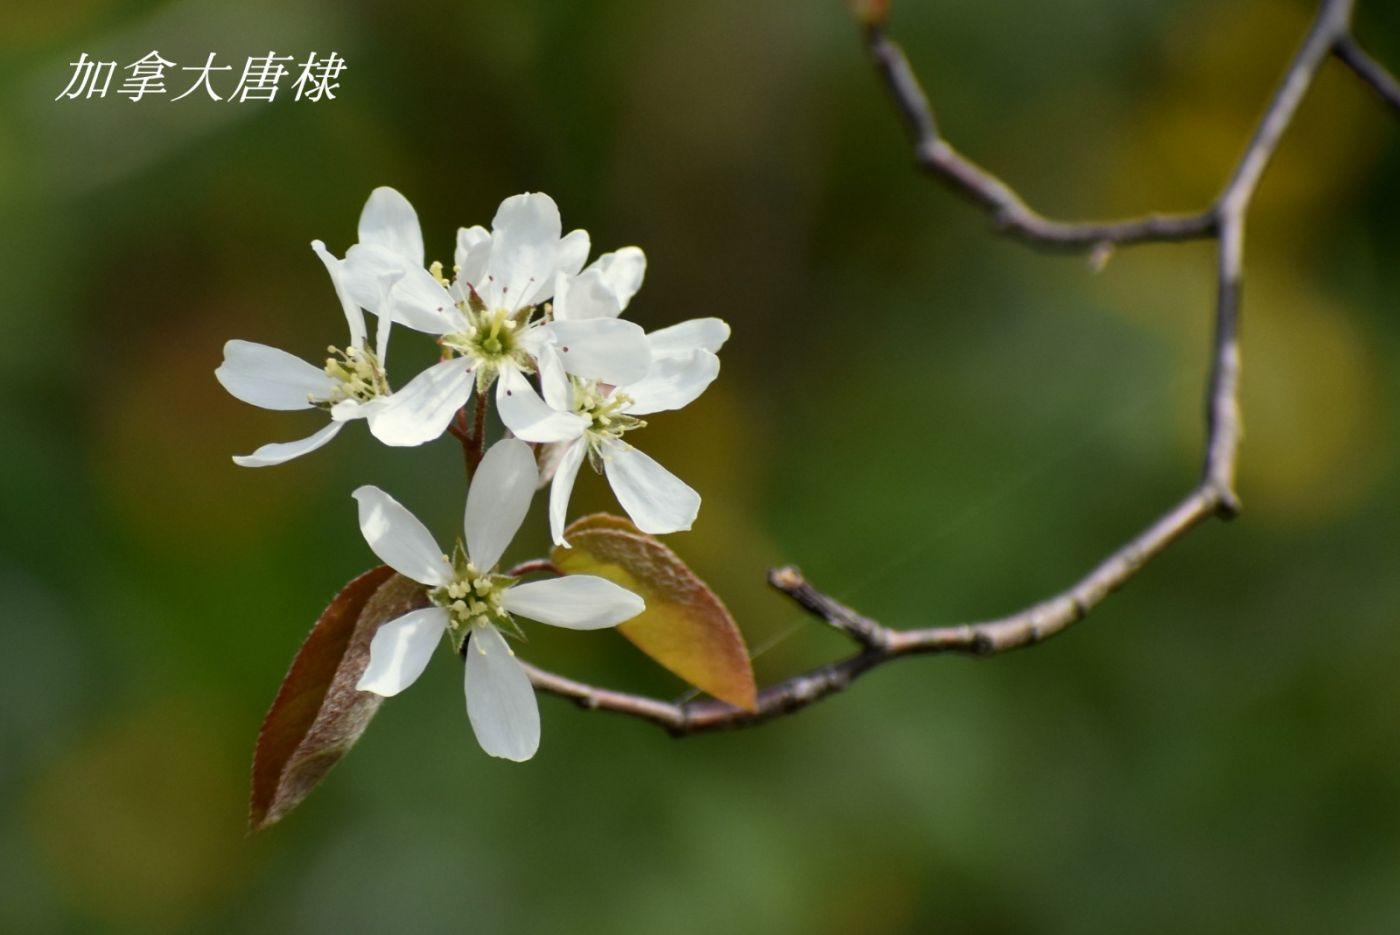 花草图谱 (14)_图1-5